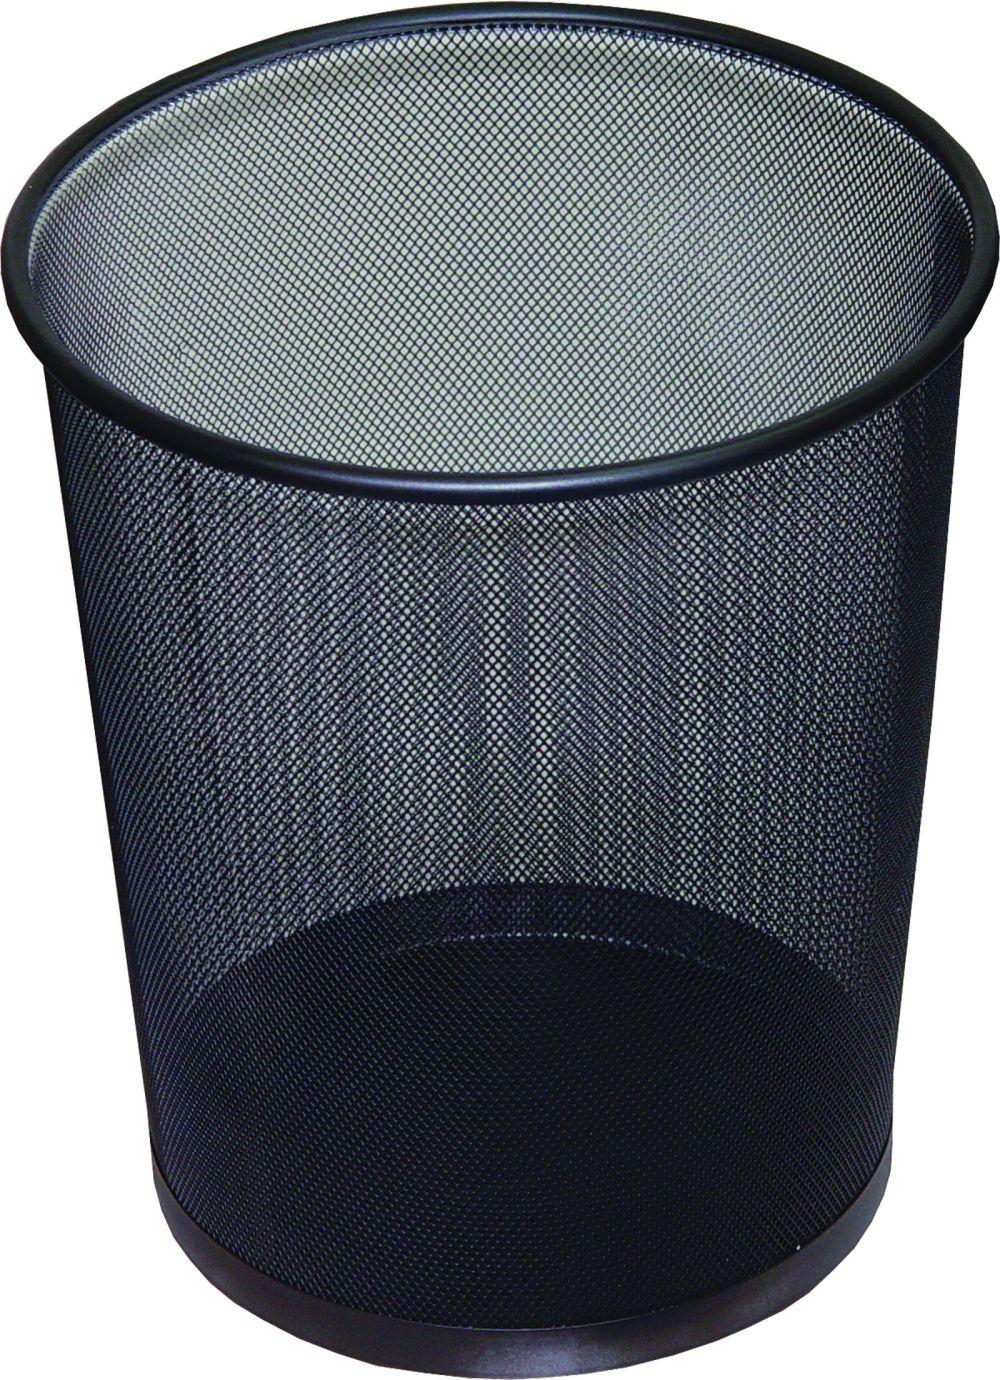 Drátěný odpadkový koš na papíry, 19 litrů, černý DONAU